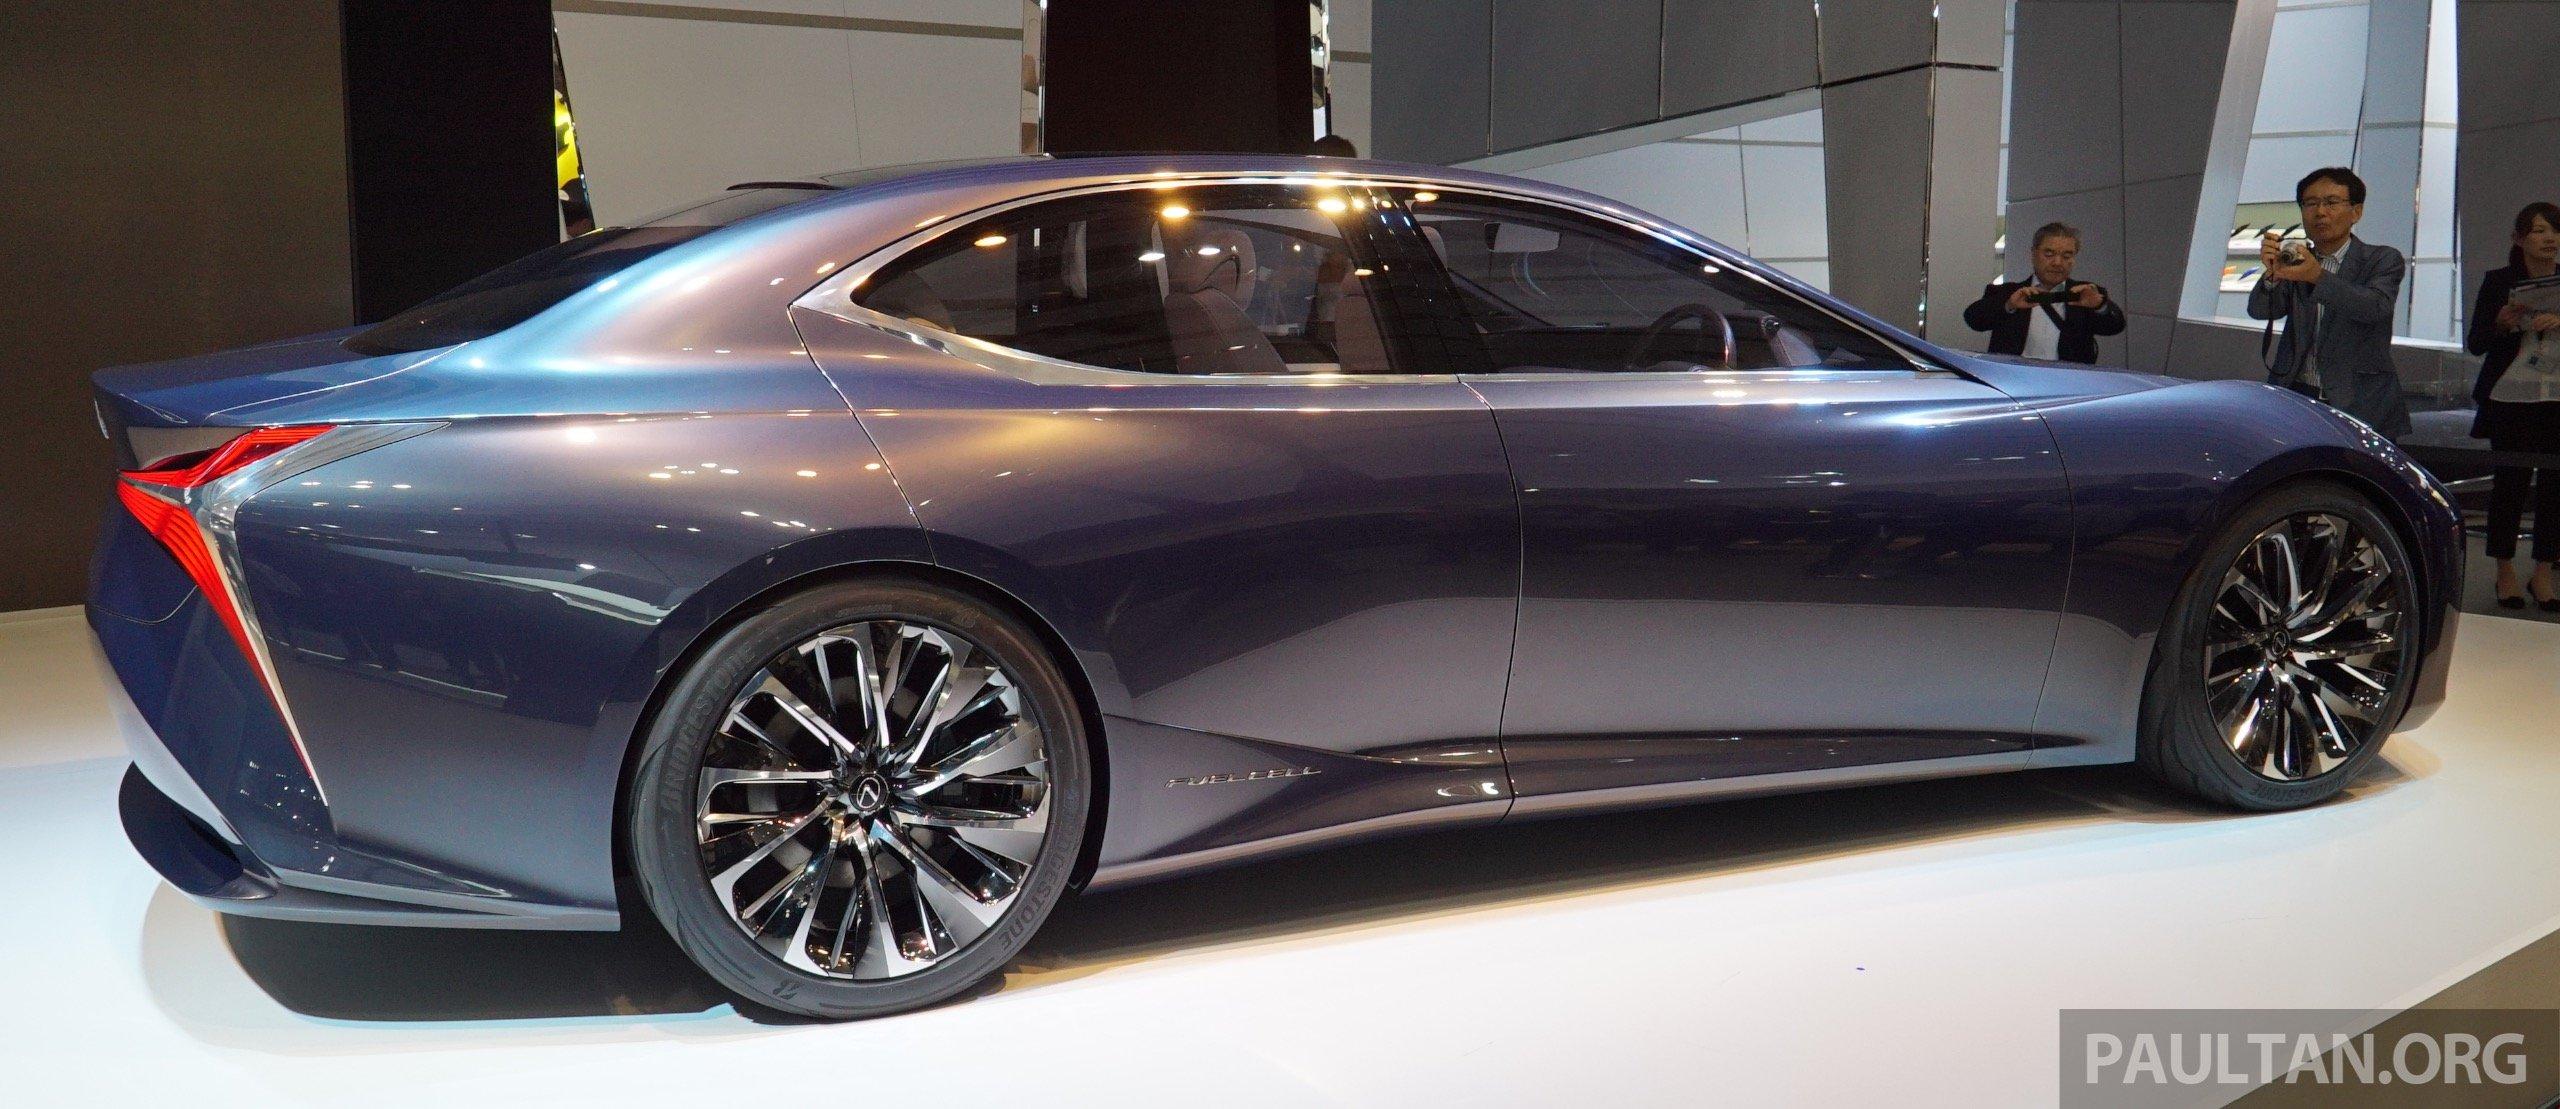 Tokyo 2015: Lexus LF-FC concept previews next LS Image 399060